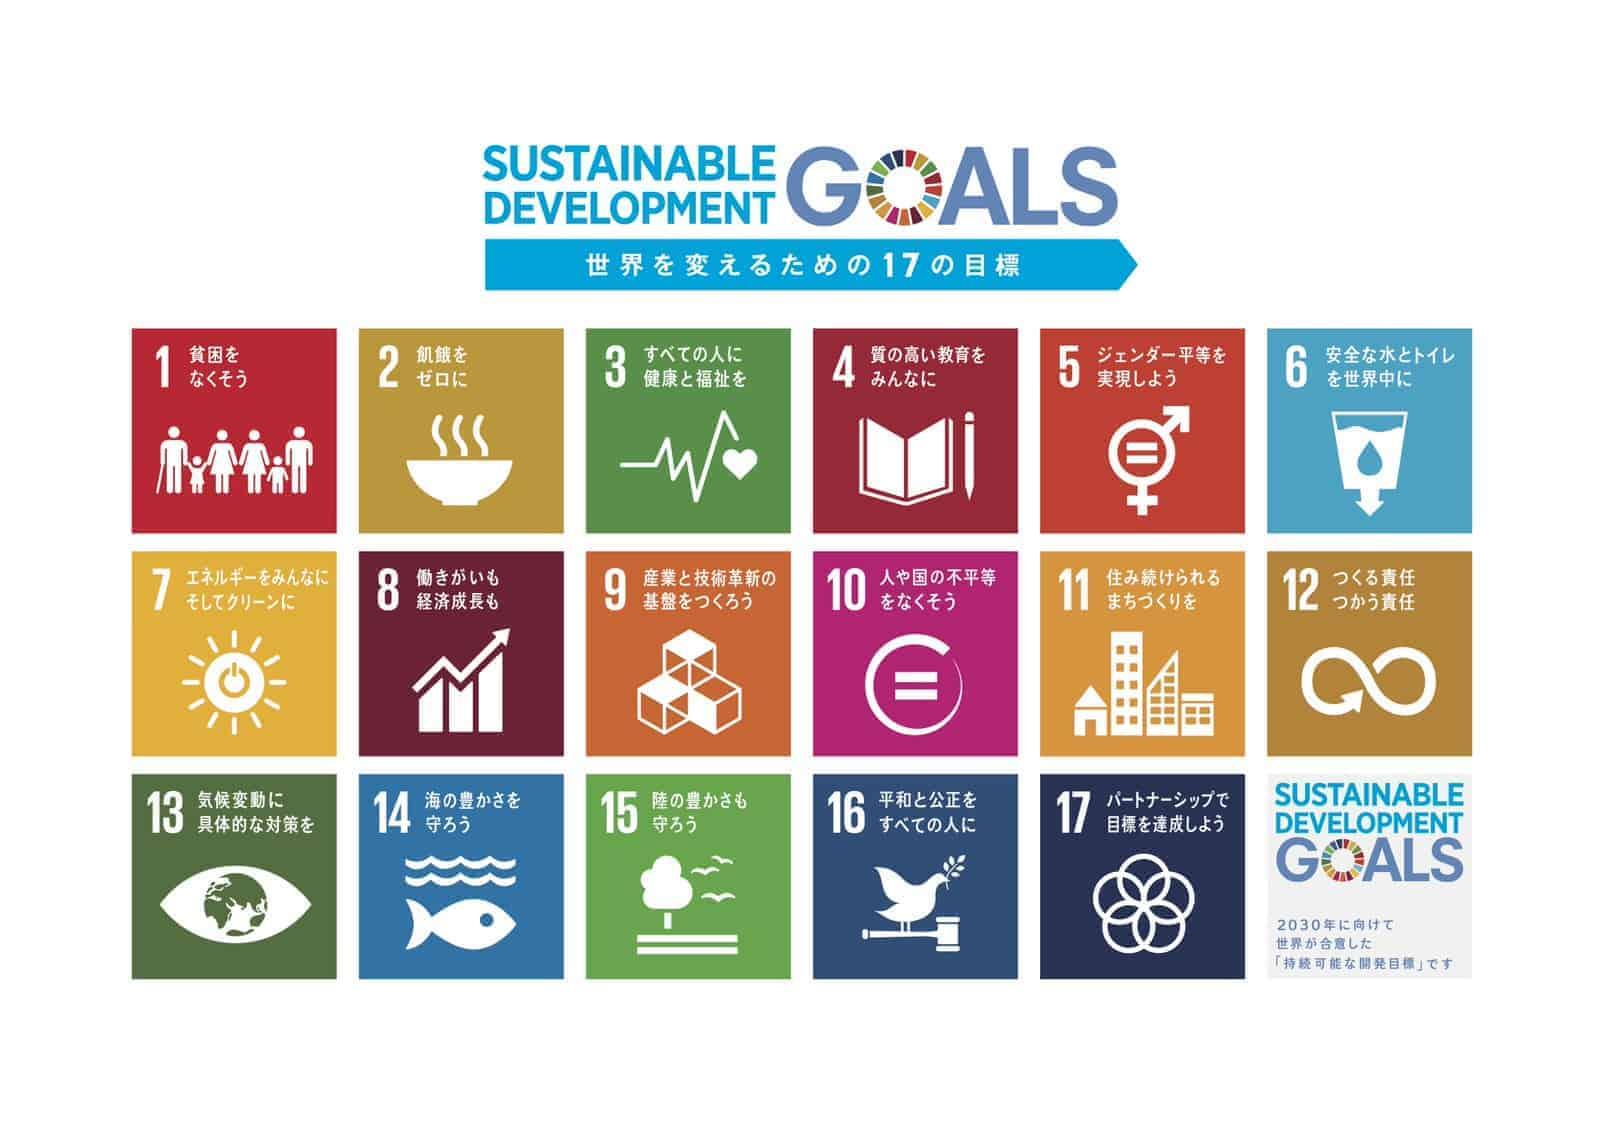 2017年橋本ゼミのテーマは、SDGs(持続可能な開発目標)です